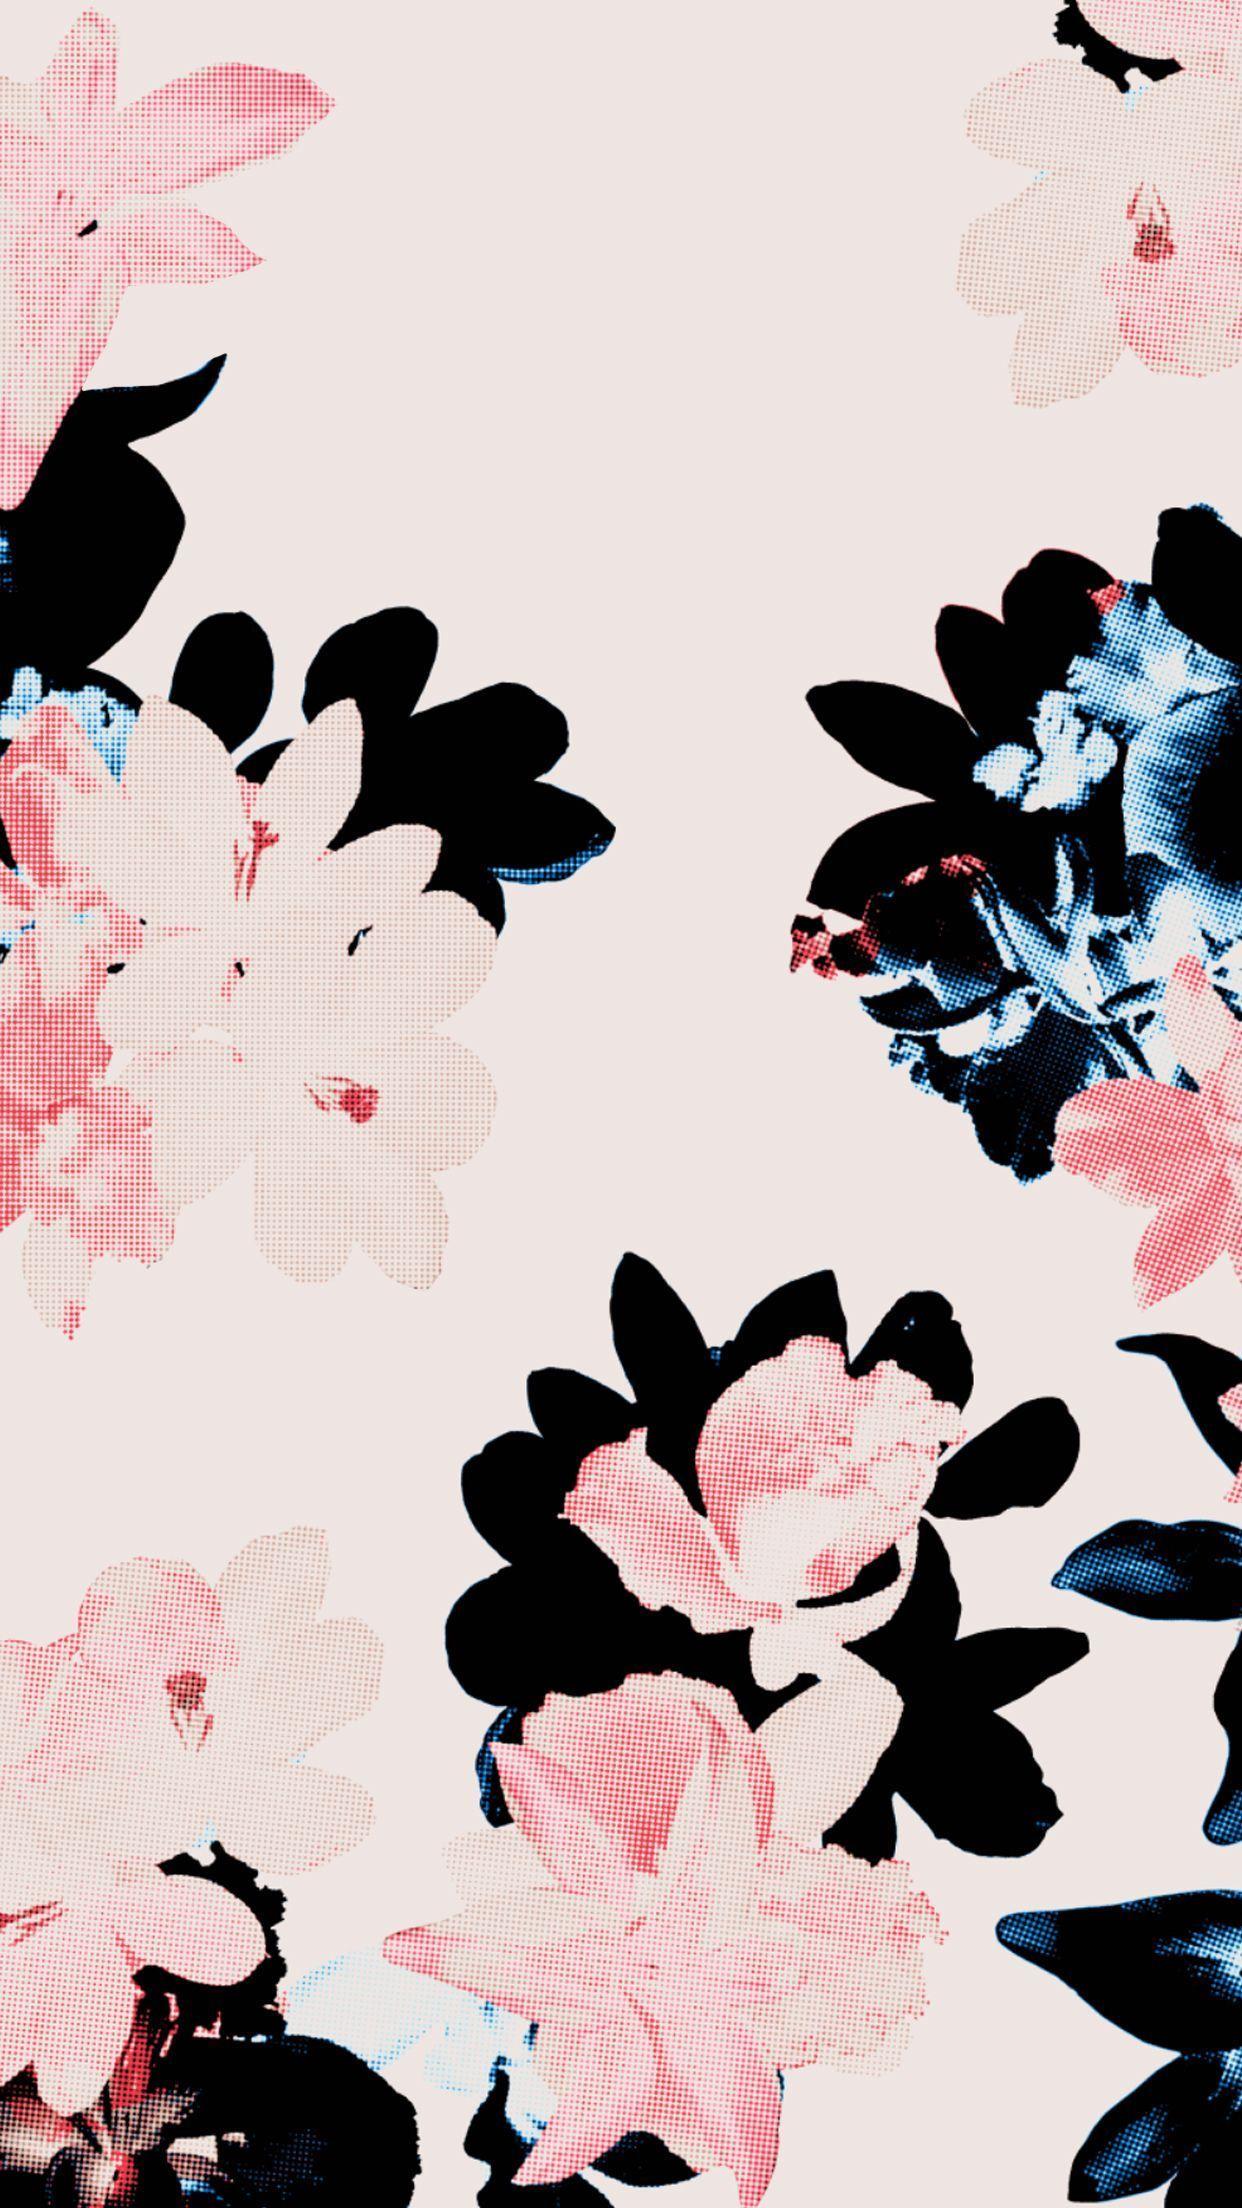 Pinterest Wallpapers Top Free Pinterest Backgrounds Wallpaperaccess Floral Wallpaper Desktop Pink Wallpaper Iphone Black Flowers Wallpaper